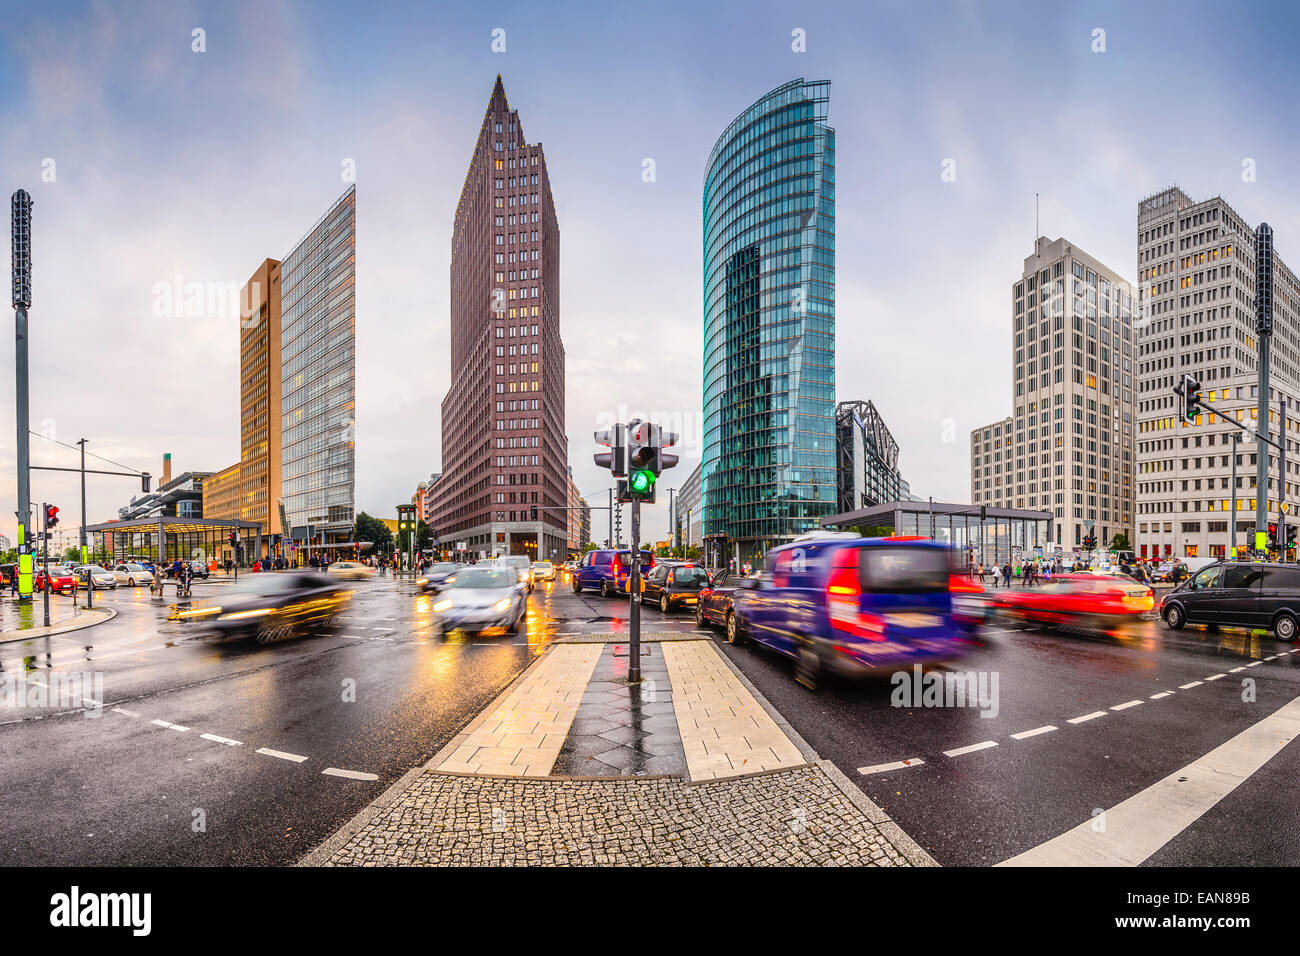 Skyline von Berlin, Deutschland am Potsdamer Platz financial District. Stockbild